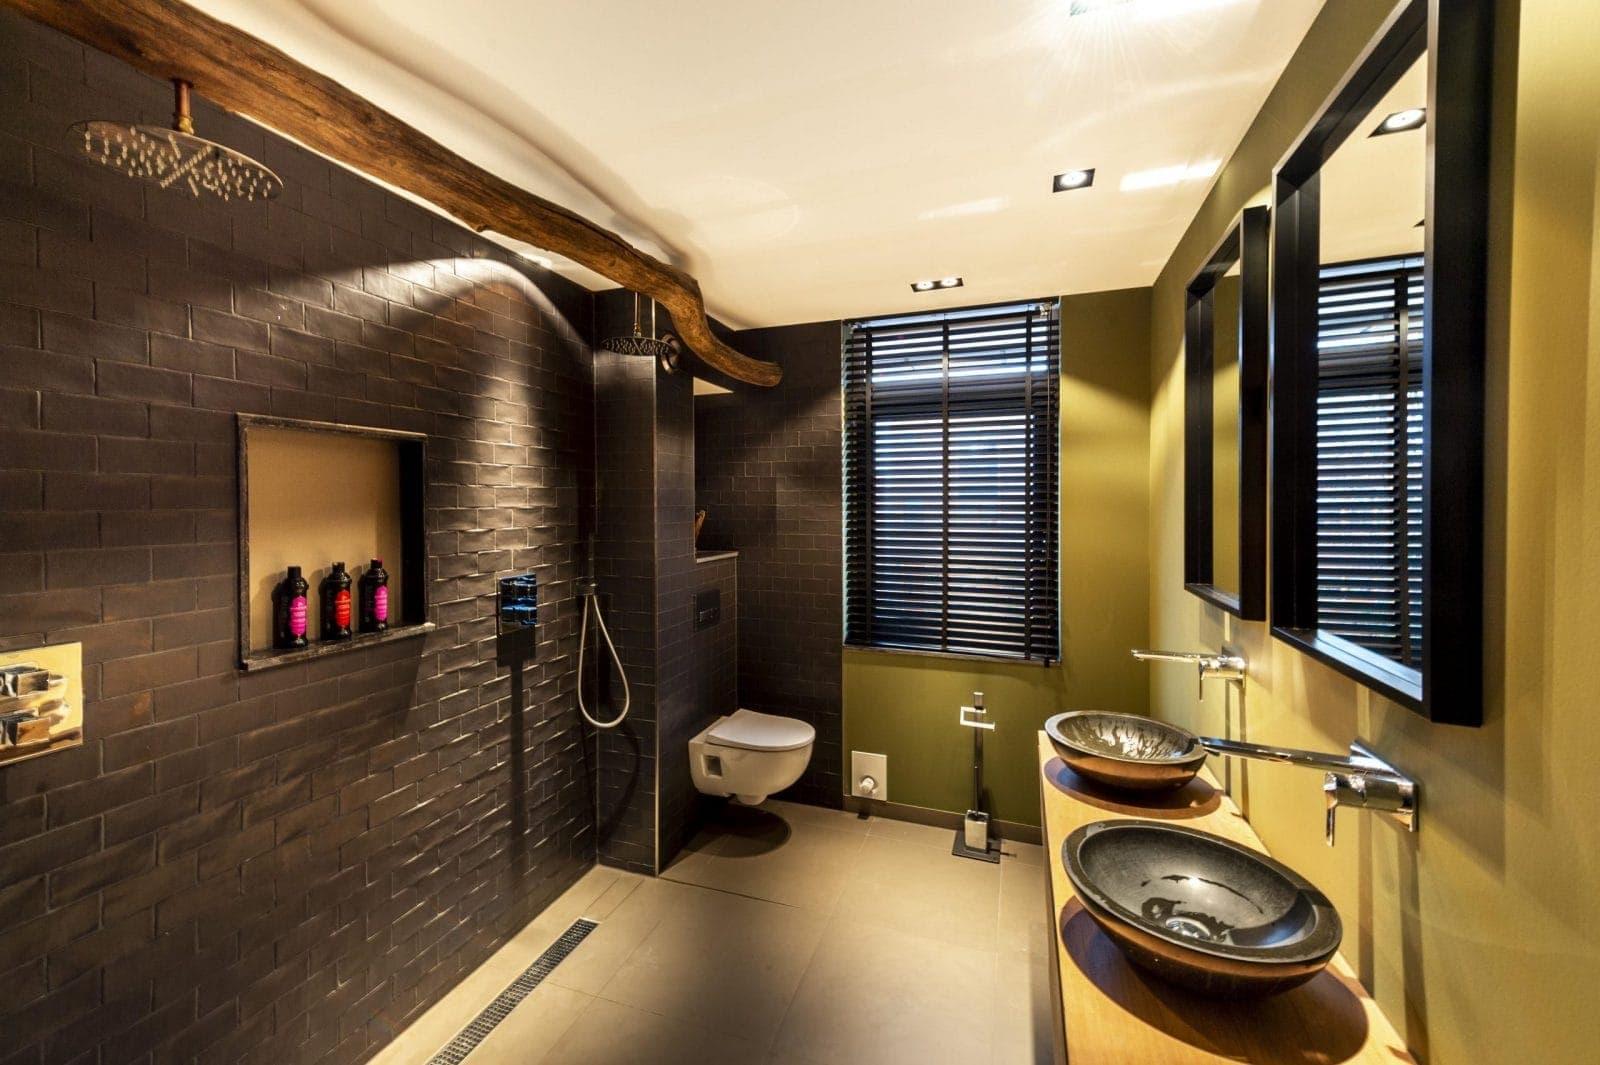 Badkamer op maat laten maken in Berkel en Rodenrijs